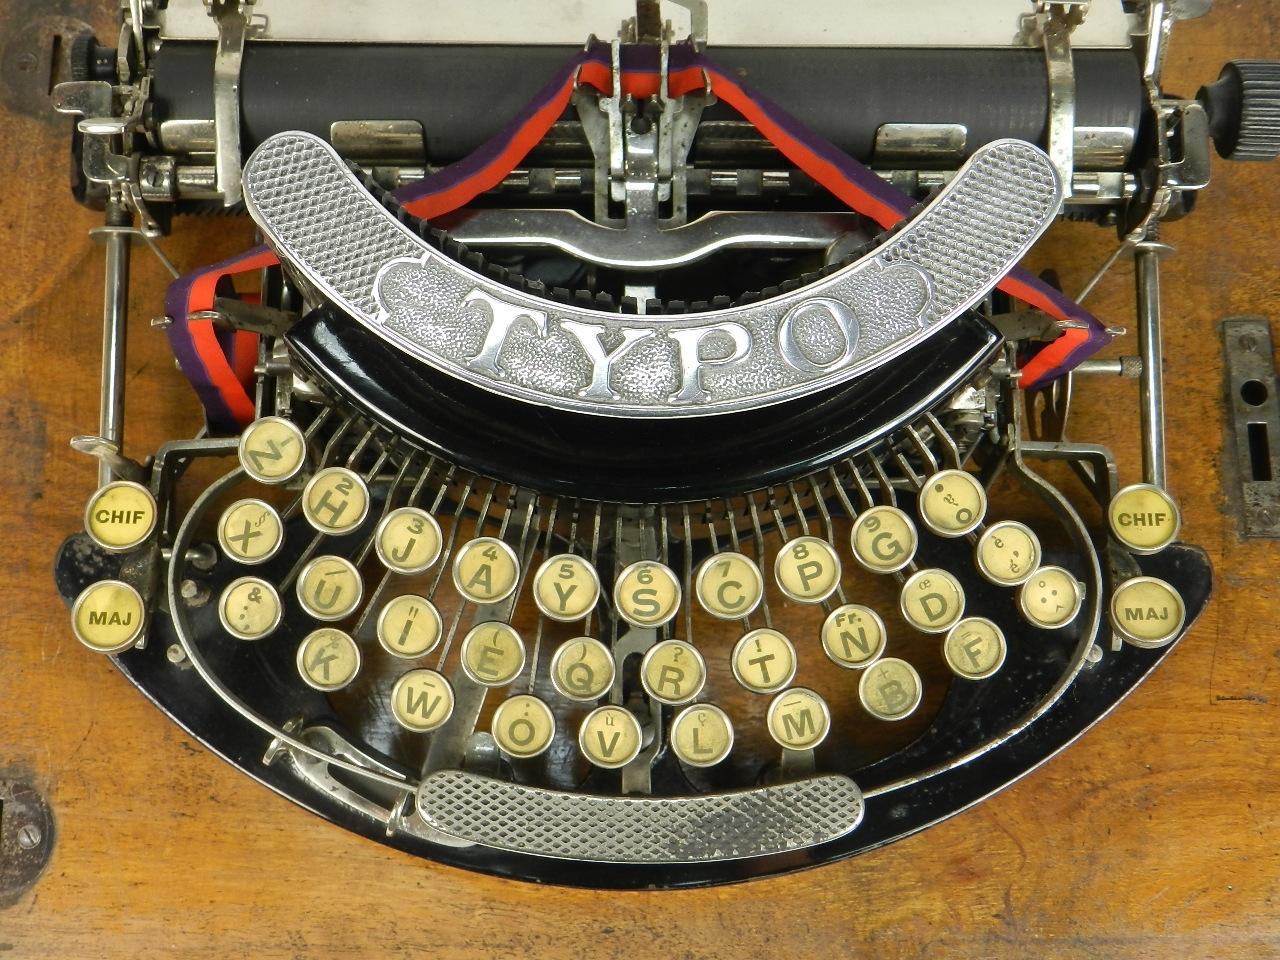 Imagen TYPO  AÑO 1915 + Caja de madera 27689